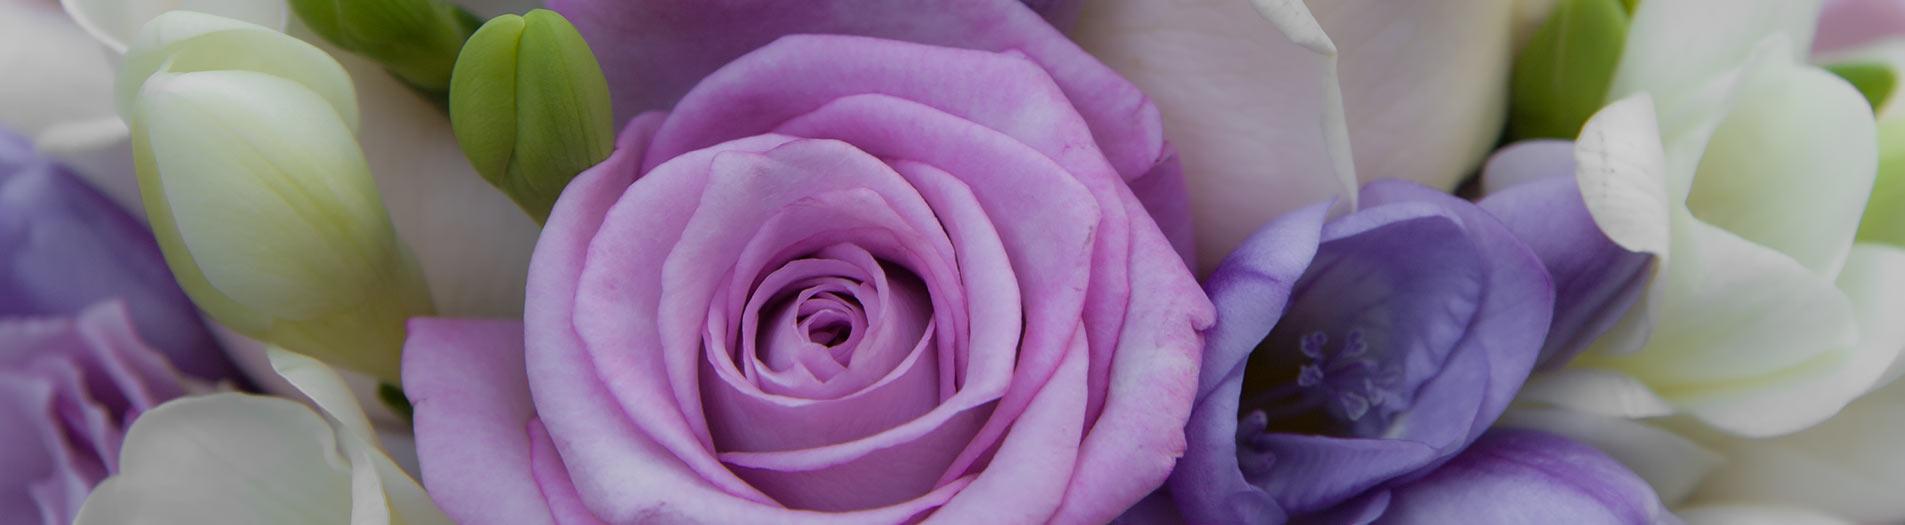 fiori-viola-matrimonio